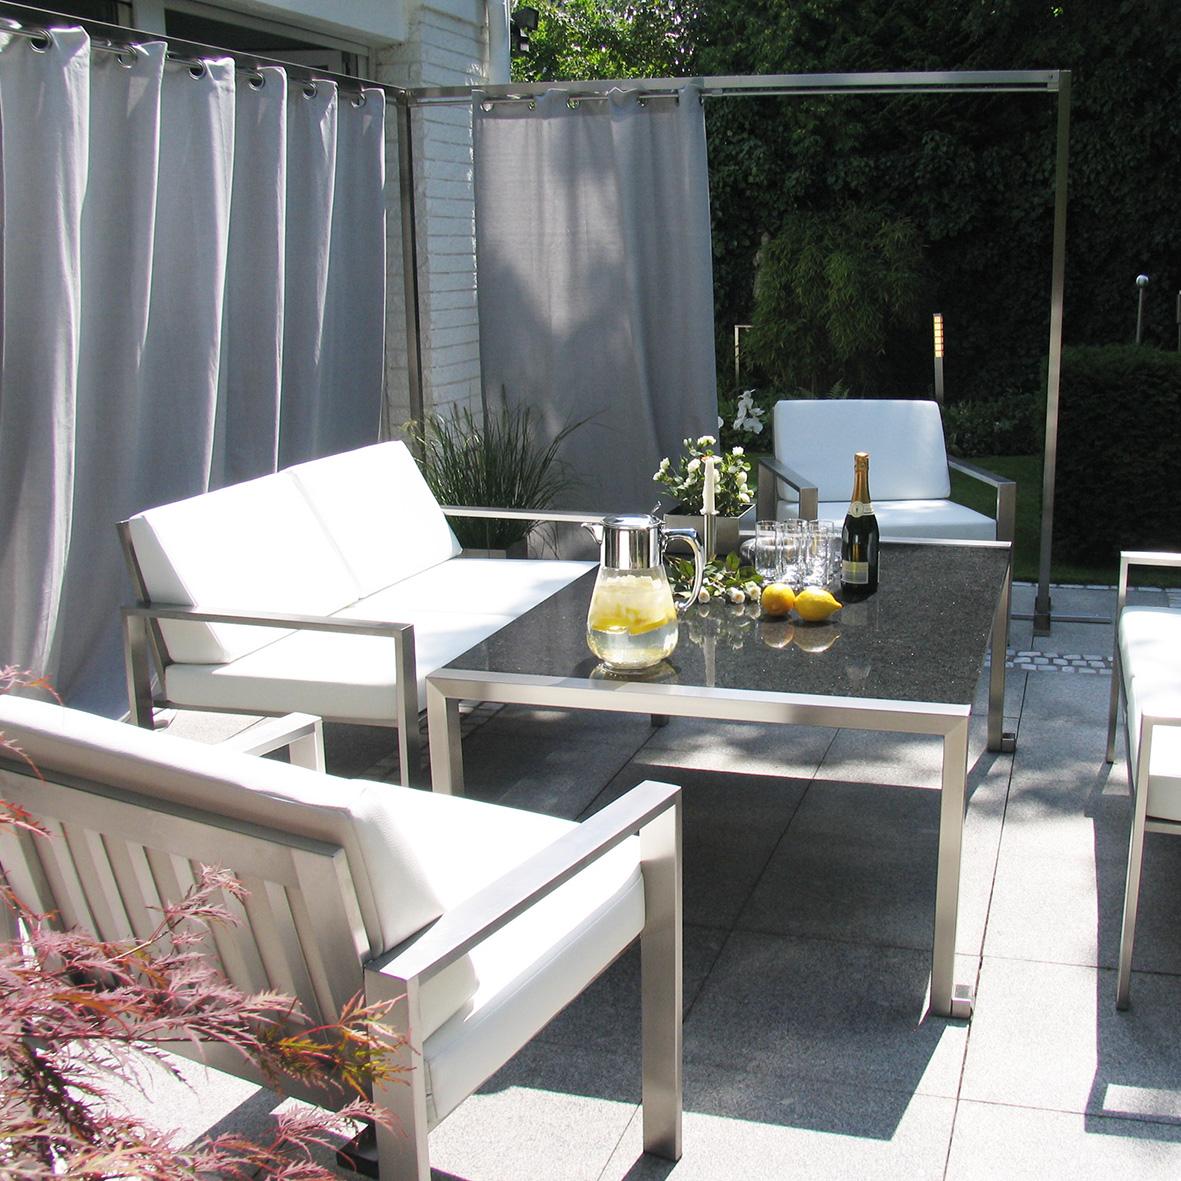 Full Size of Paravent Outdoor Balkon Metall Holz Polyrattan Bambus Amazon Glas Garten Ikea Küche Edelstahl Kaufen Wohnzimmer Paravent Outdoor